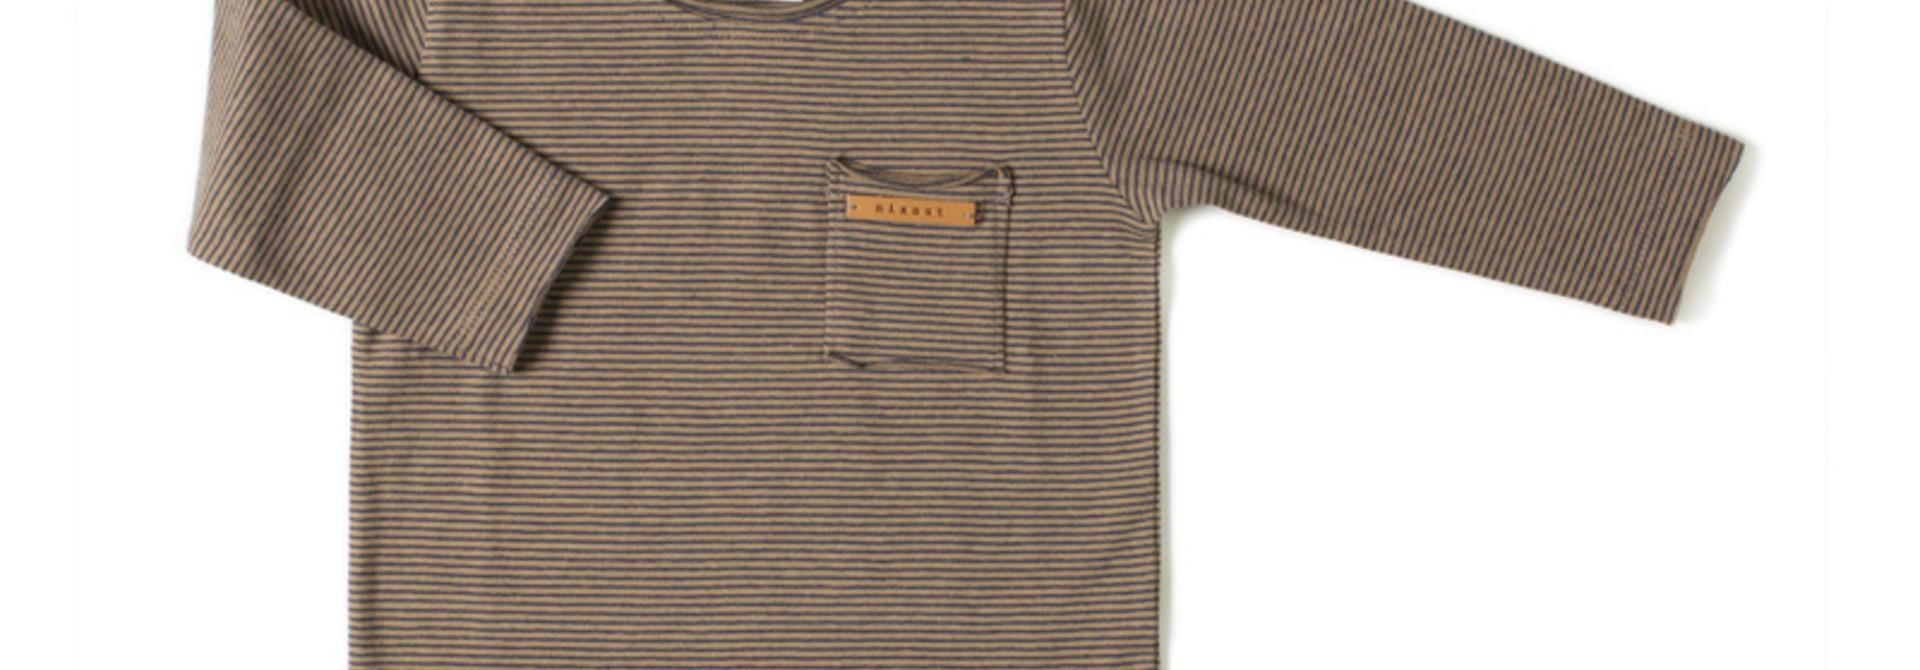 Longsleeve - Olive stripe